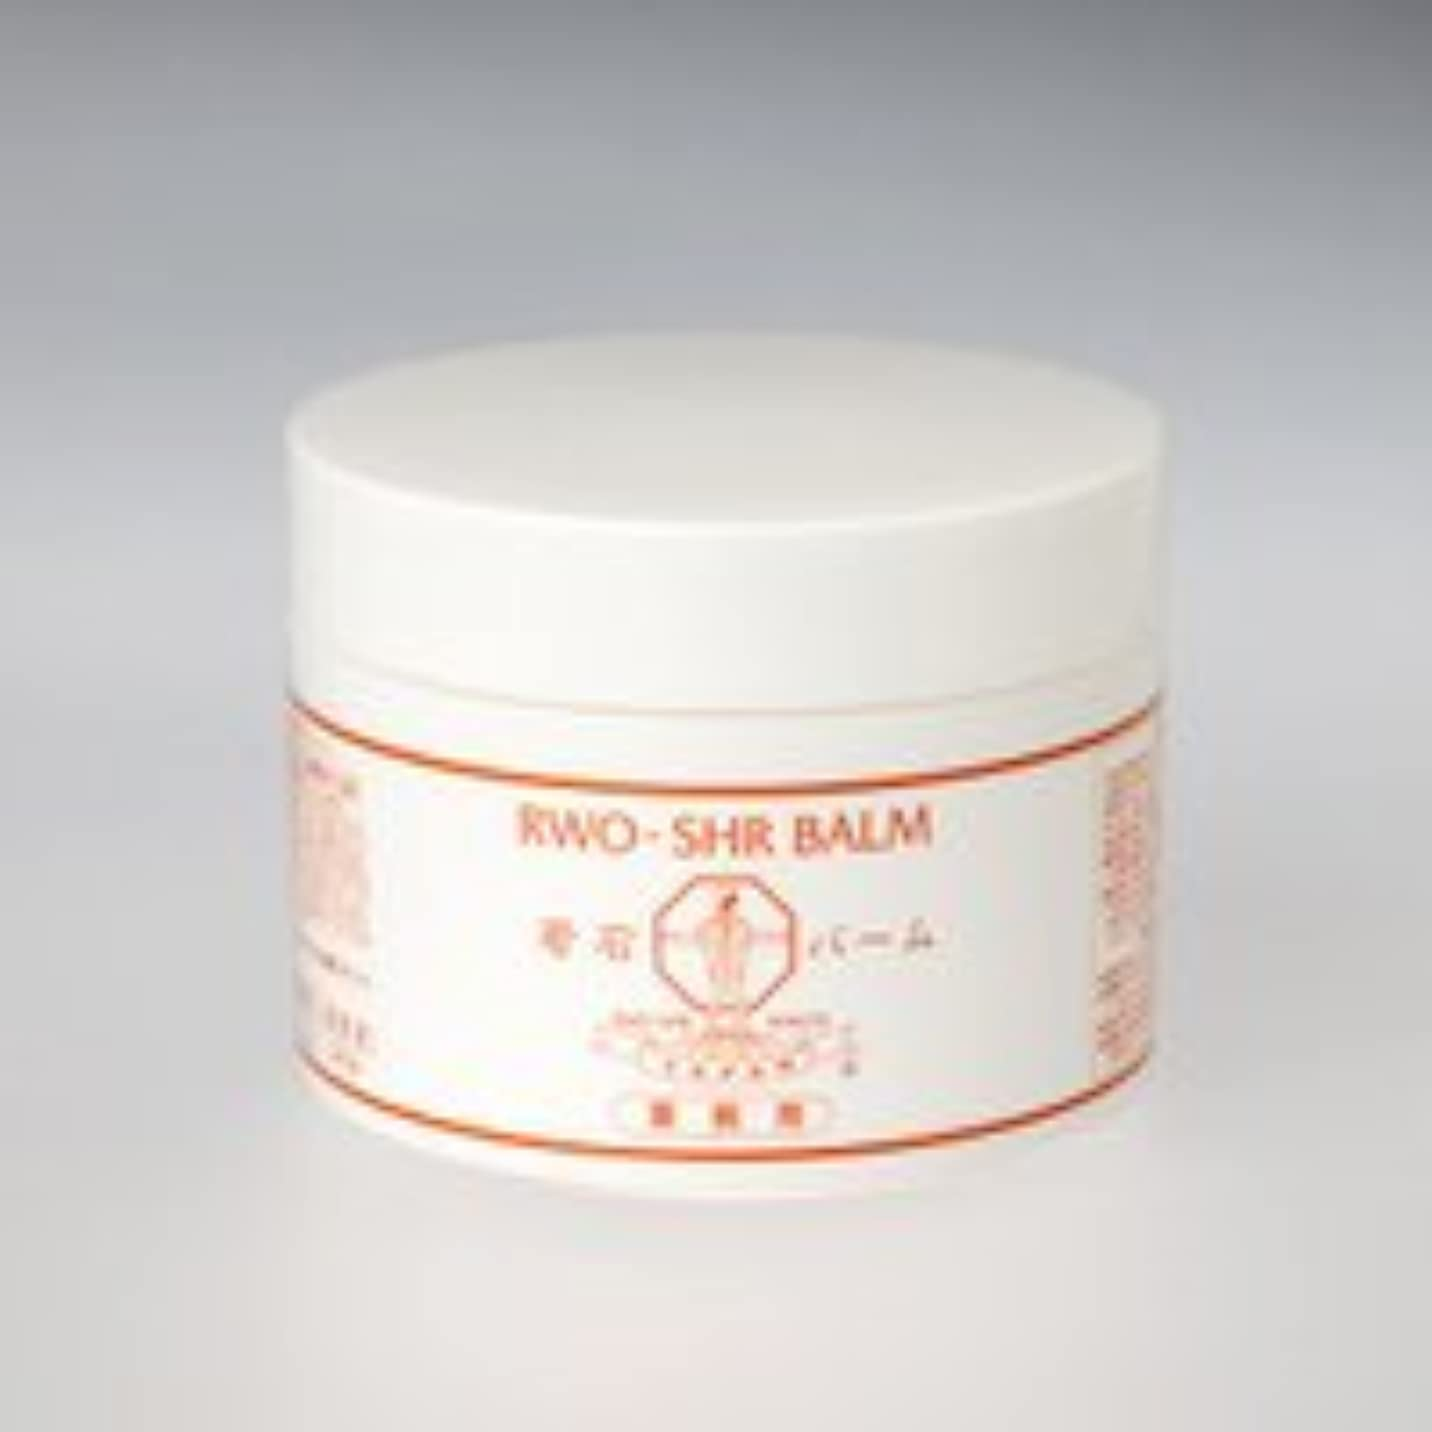 ランダム繊維コマース若石バーム(250g) RWO-SHR BALM 国際若石健康研究会正規品